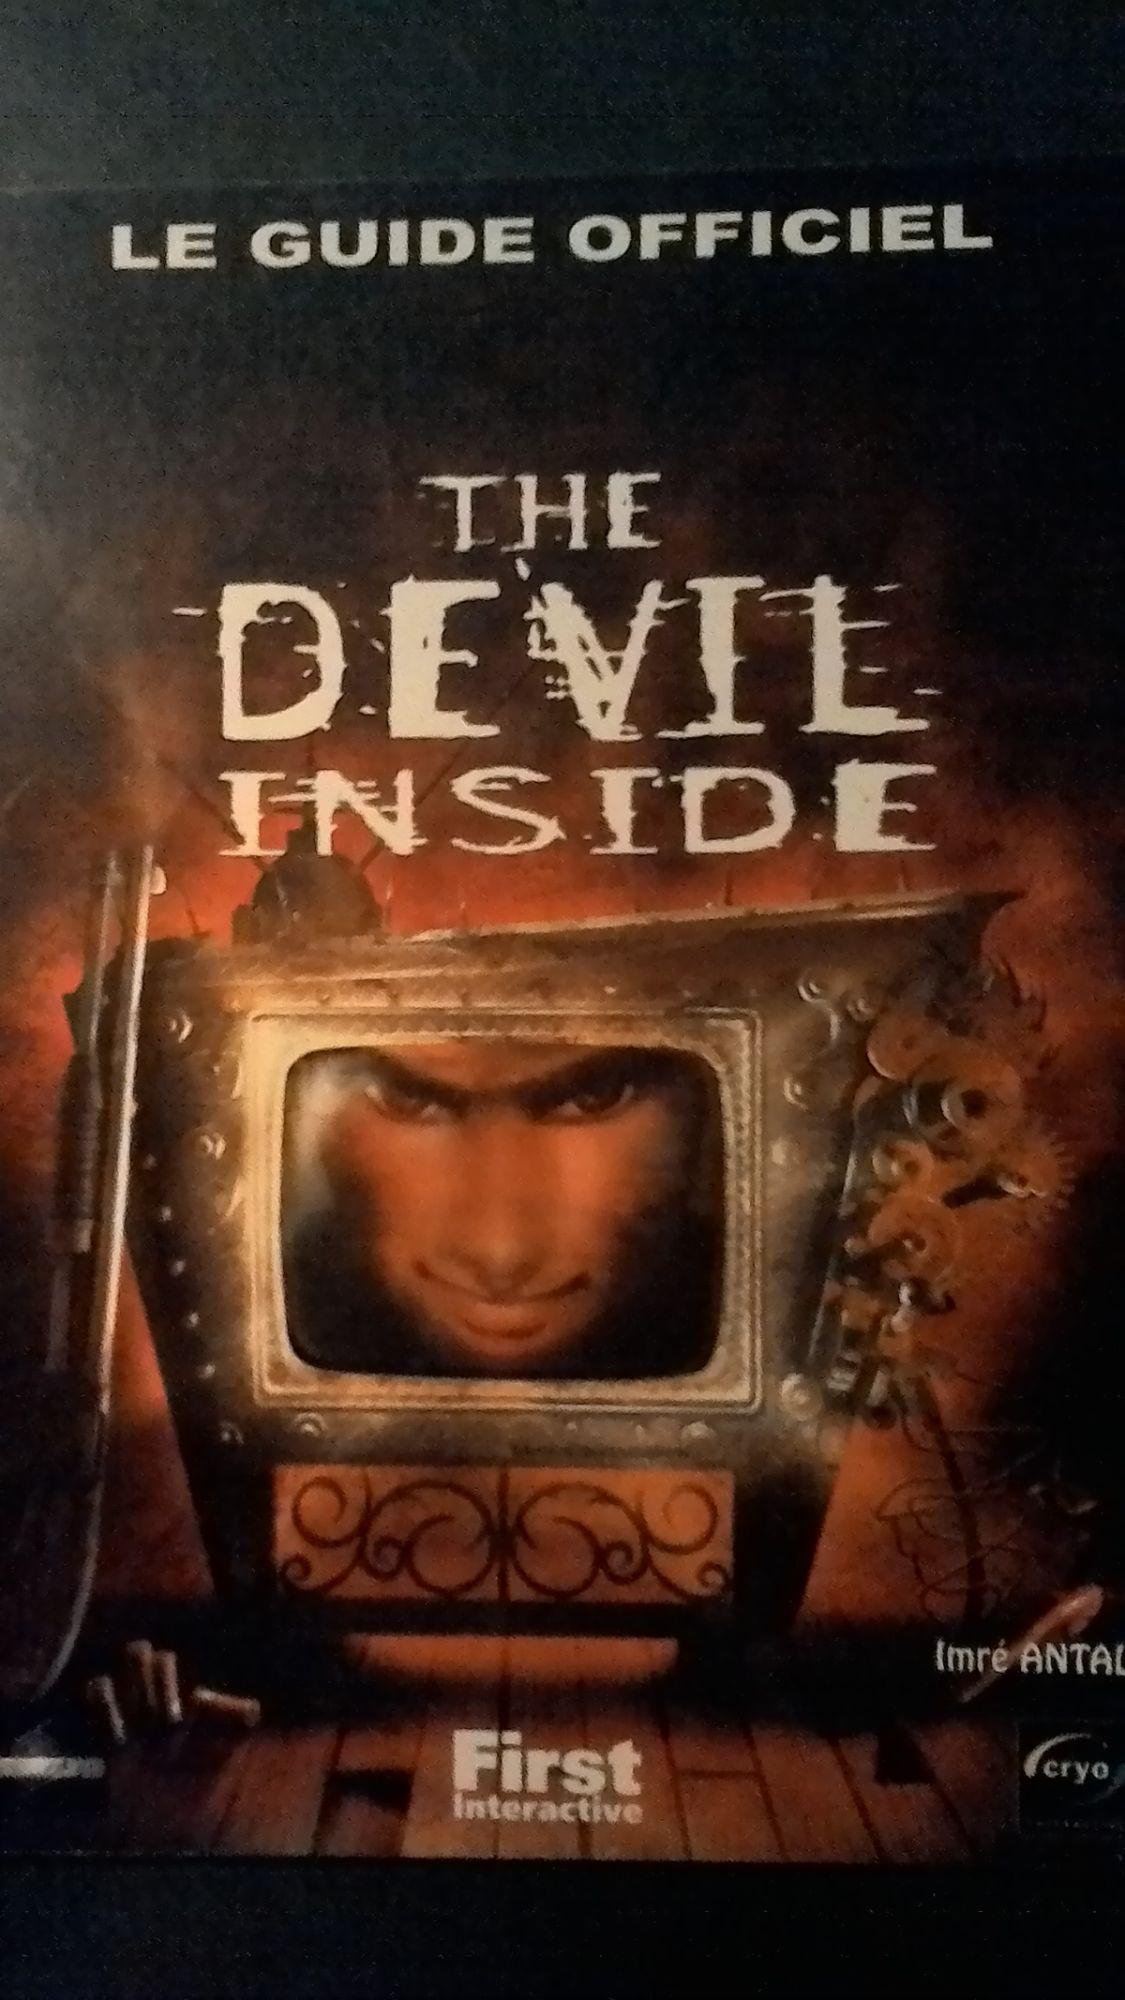 Devil Inside, le guide de jeu d'Imre Antal